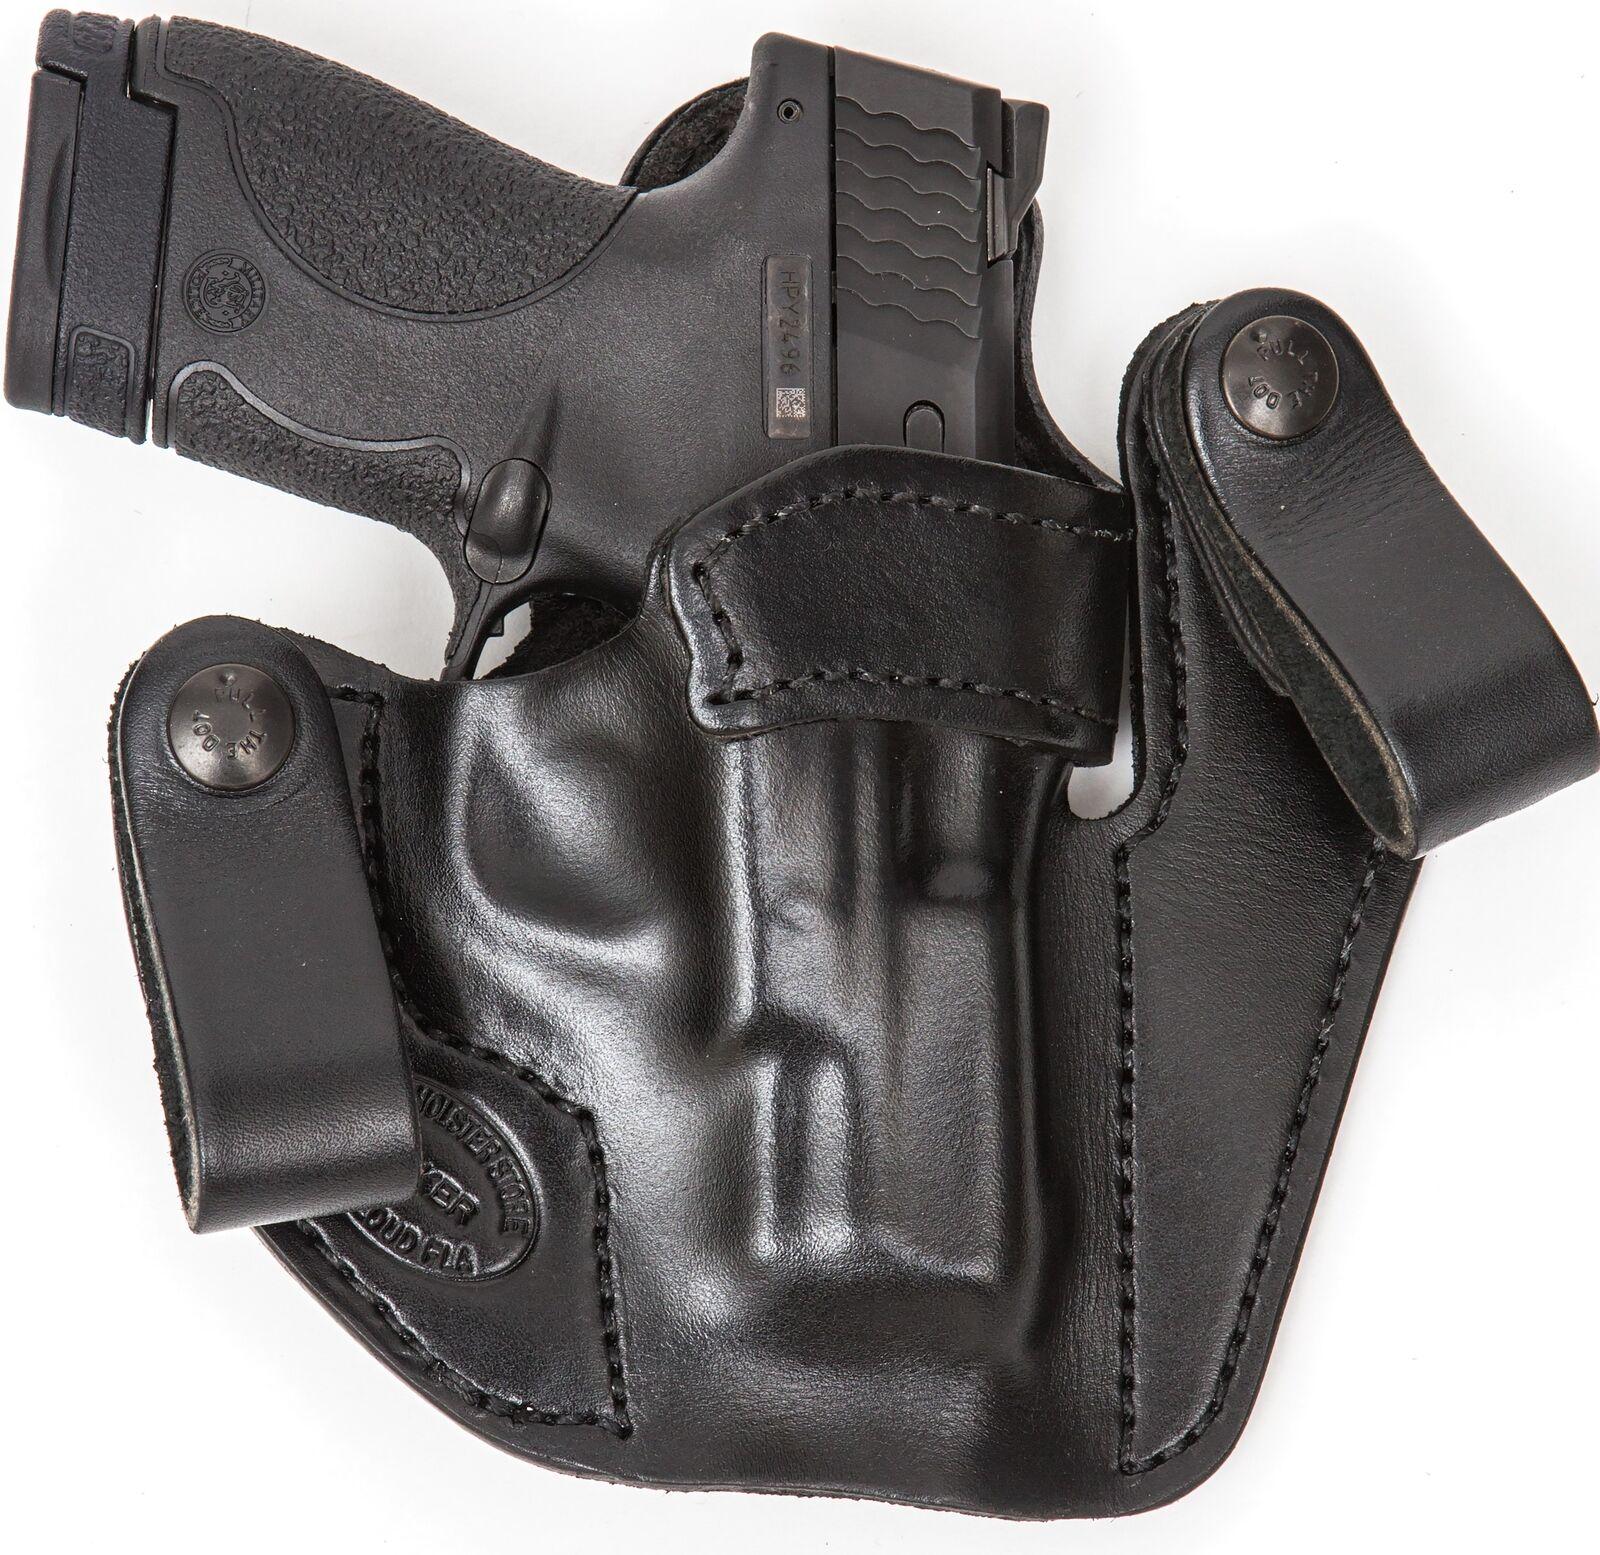 XTREME llevar RH LH dentro de la cintura de cuero Funda Pistola para Kimber Solo Ultra II